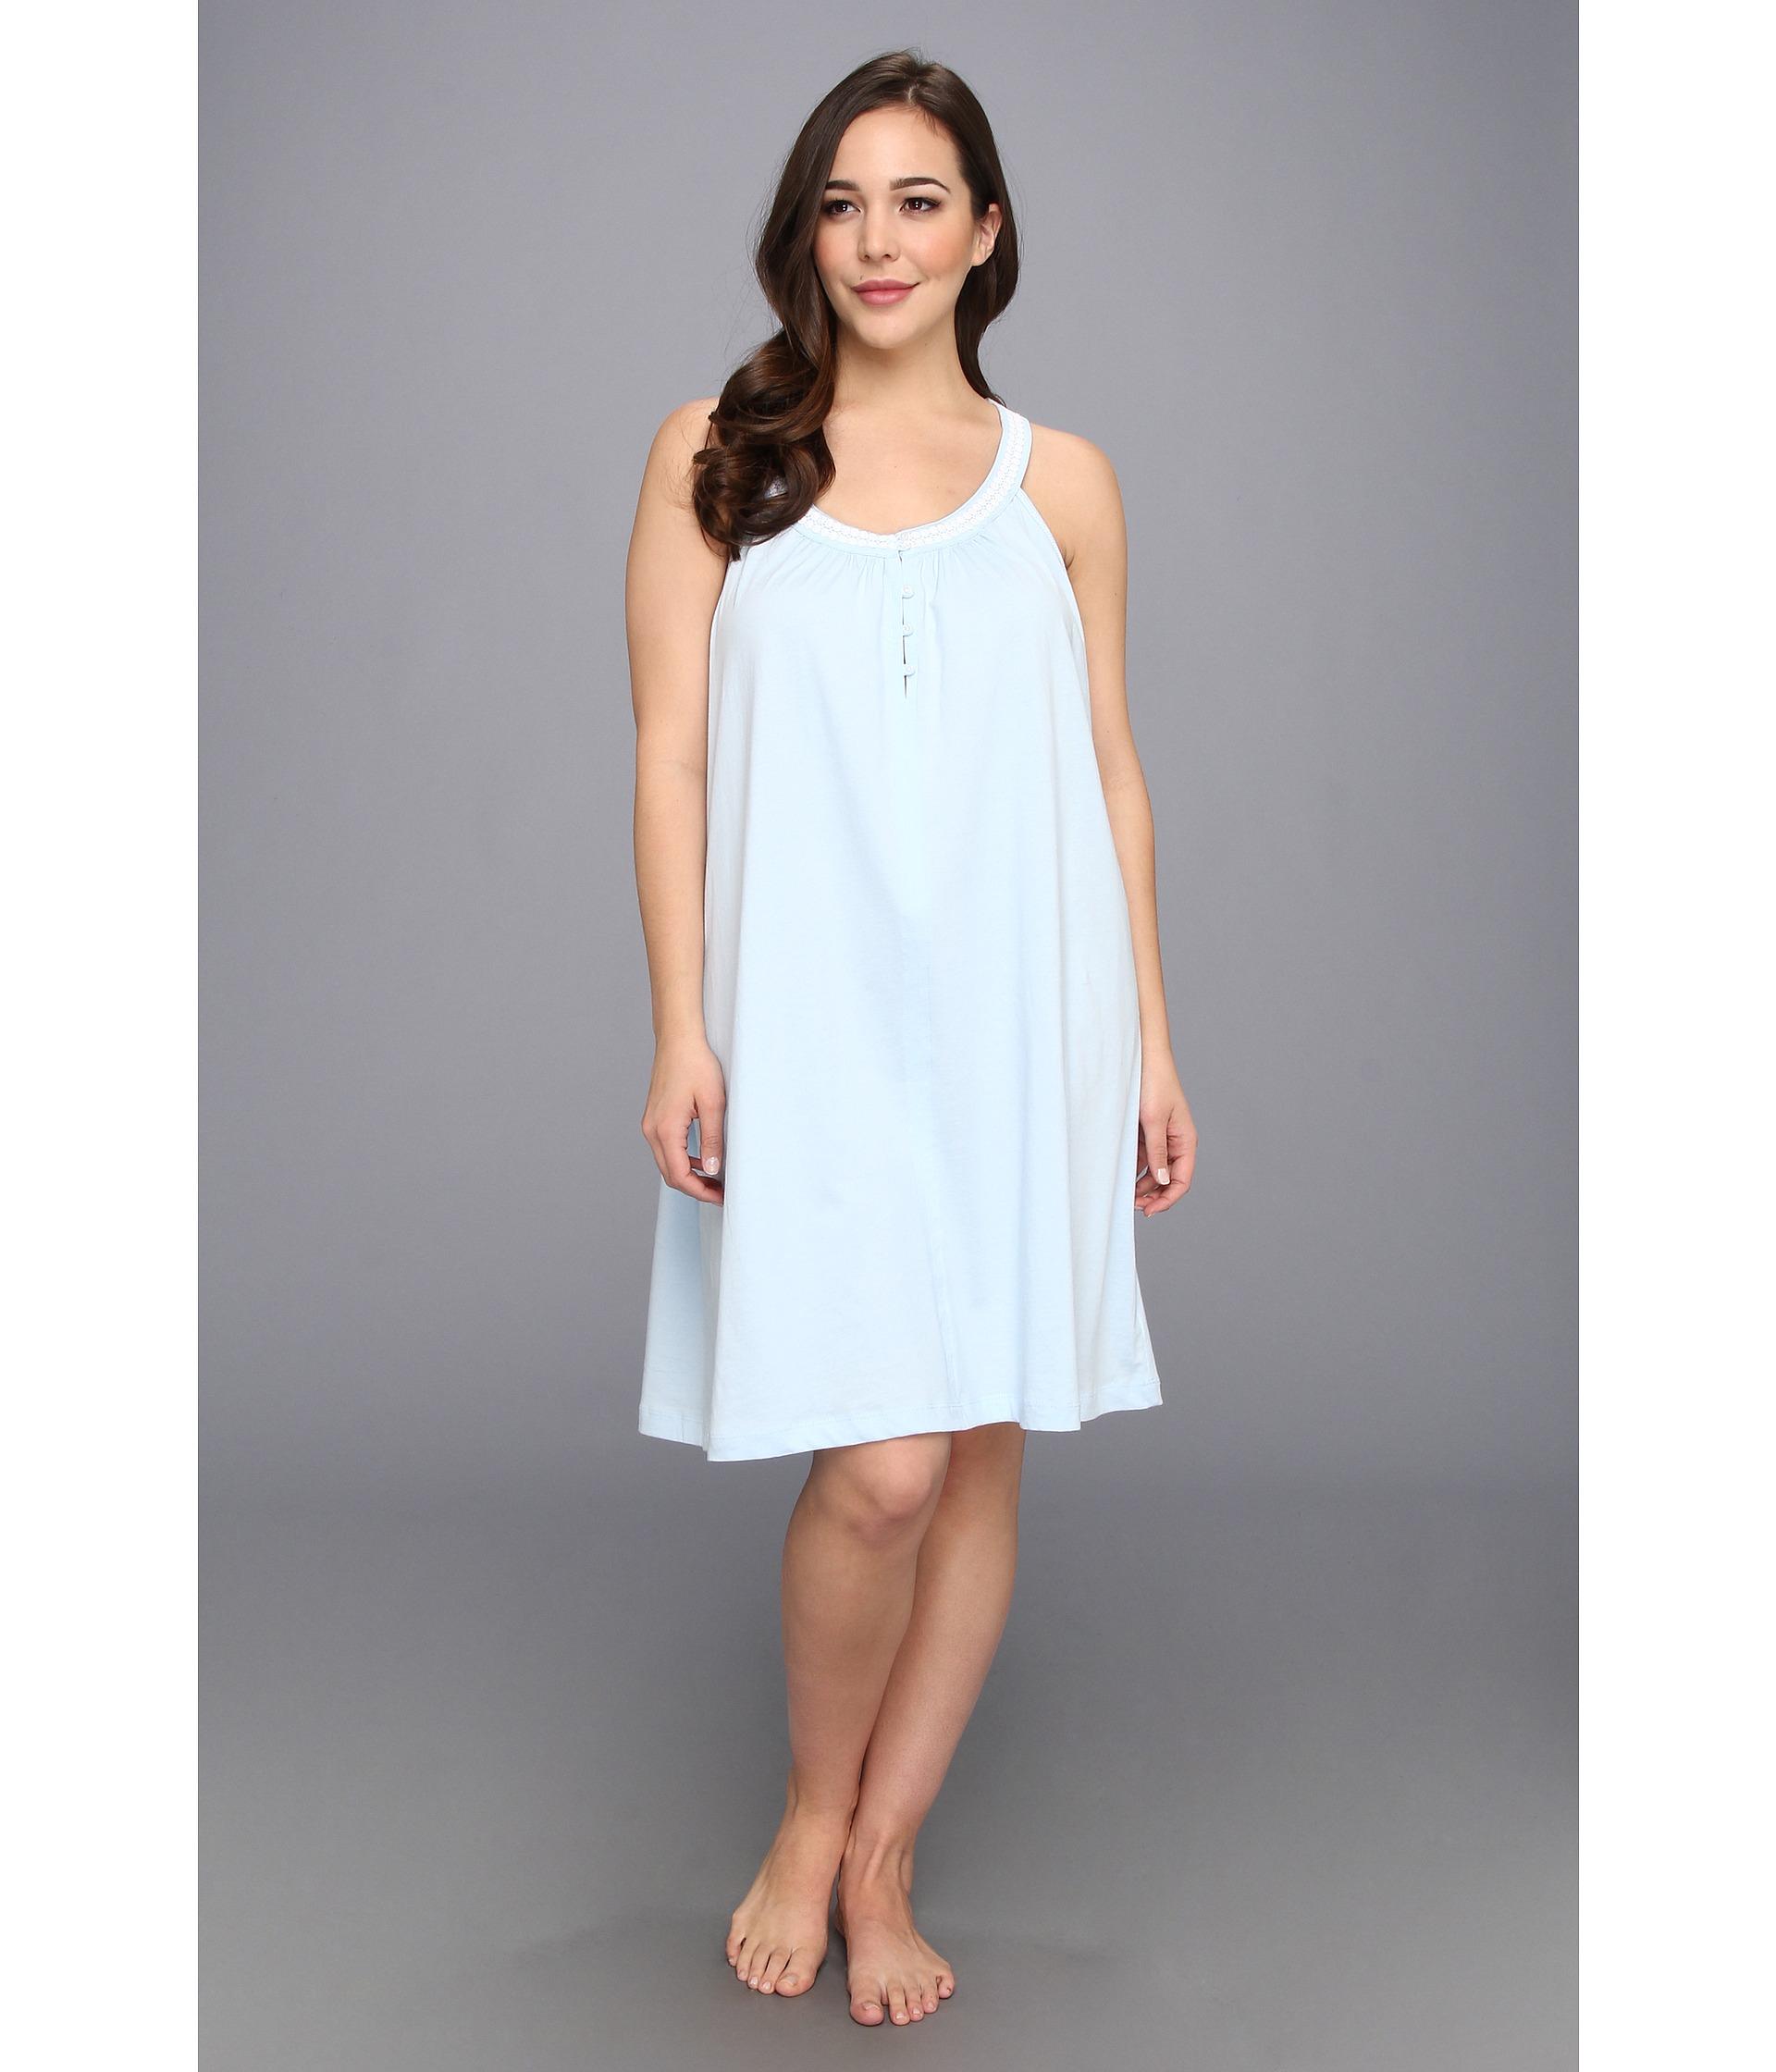 bb4feea17a Lyst - Carole Hochman Plus Size Solid Short Nightgown in Blue